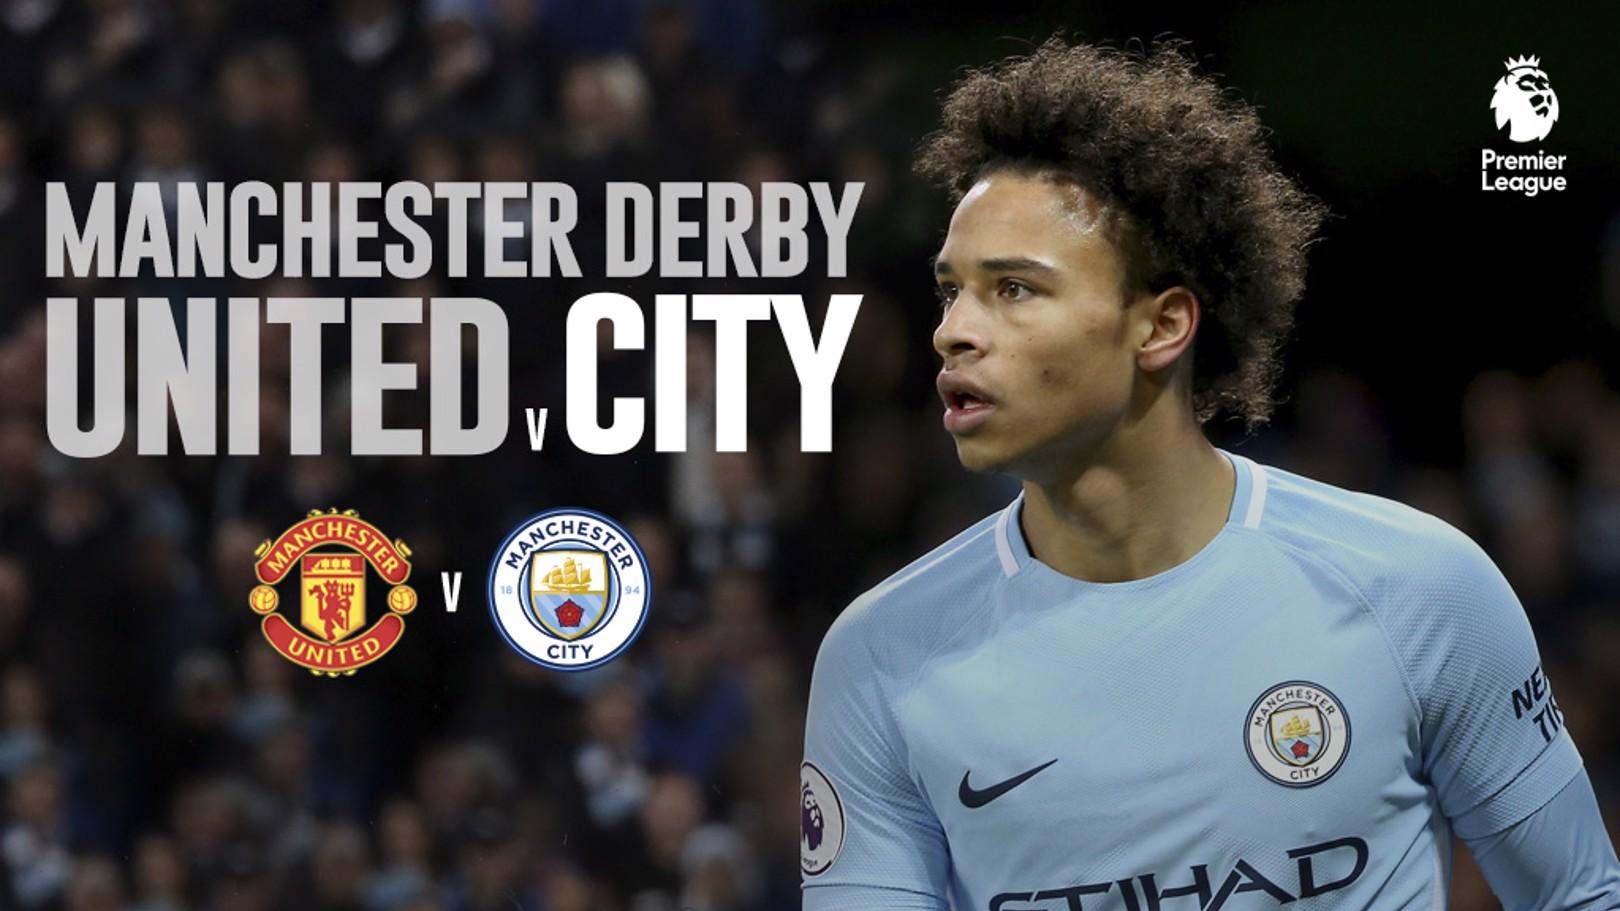 United x City